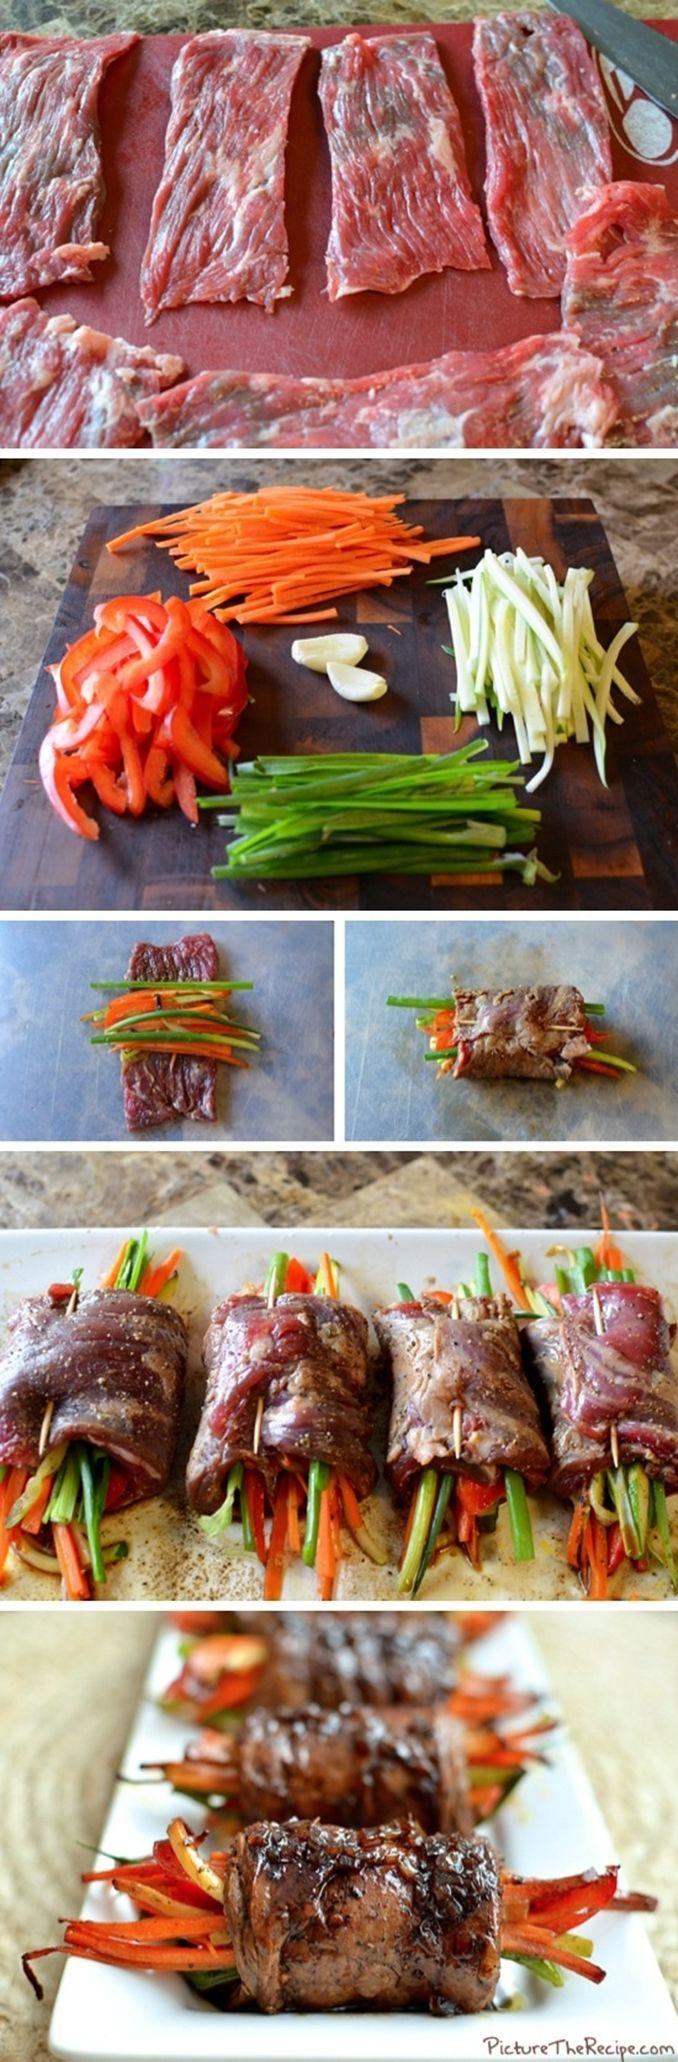 en partant de cette image comme inspiration, j'ai d'abord fait mariner mes steaks, pour ensuite, déposer au centre de la julienne de : carotte, pied de brocoli, courgettes, piment et oignon. La prochaine fois, j'ajoute aussi du fromage.